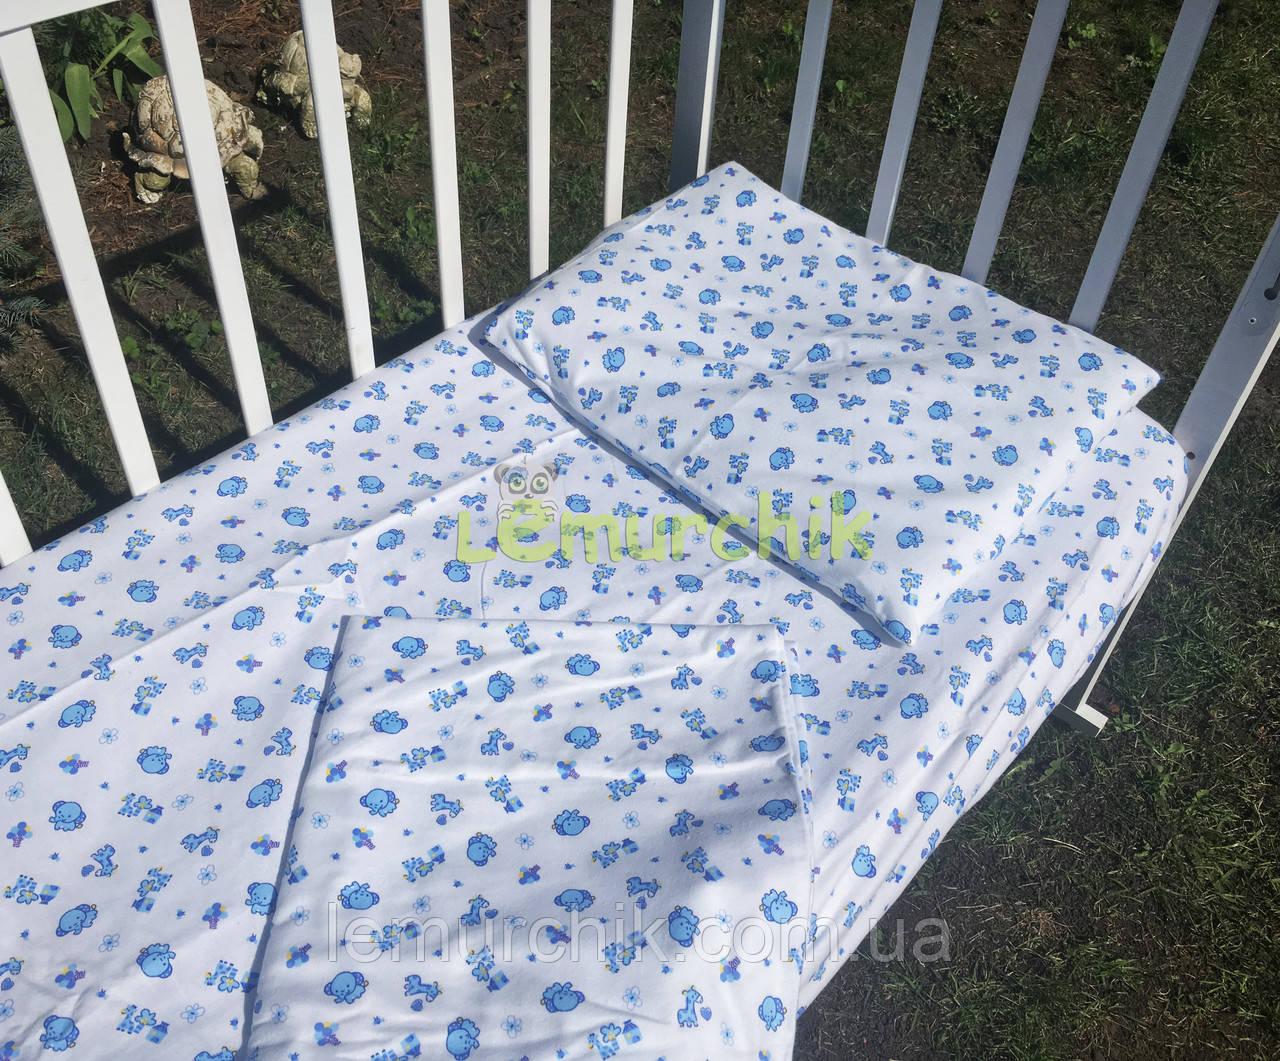 Постельный набор в детскую кроватку байковый (3 предмета), Жирафик и слоник